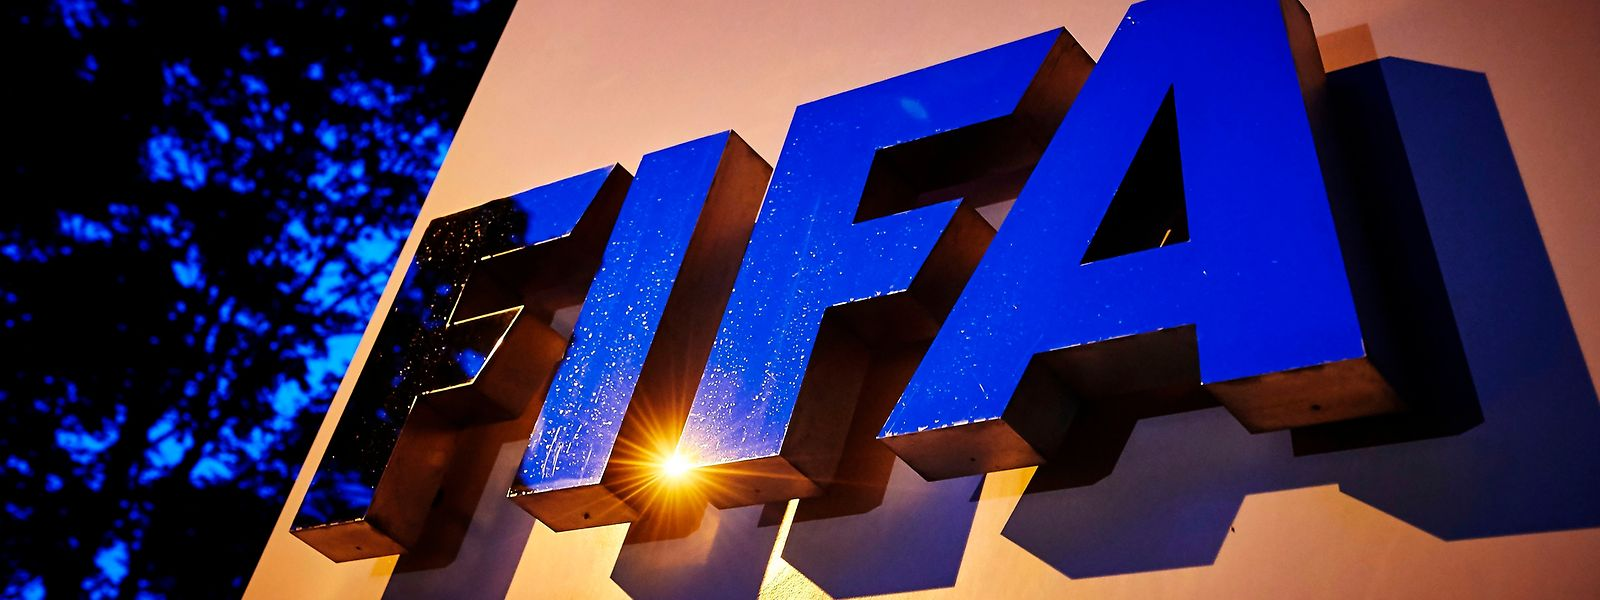 Bei den WM-Vergaben der FIFA ist wohl erneut nicht alles mit rechten Dingen zugegangen.